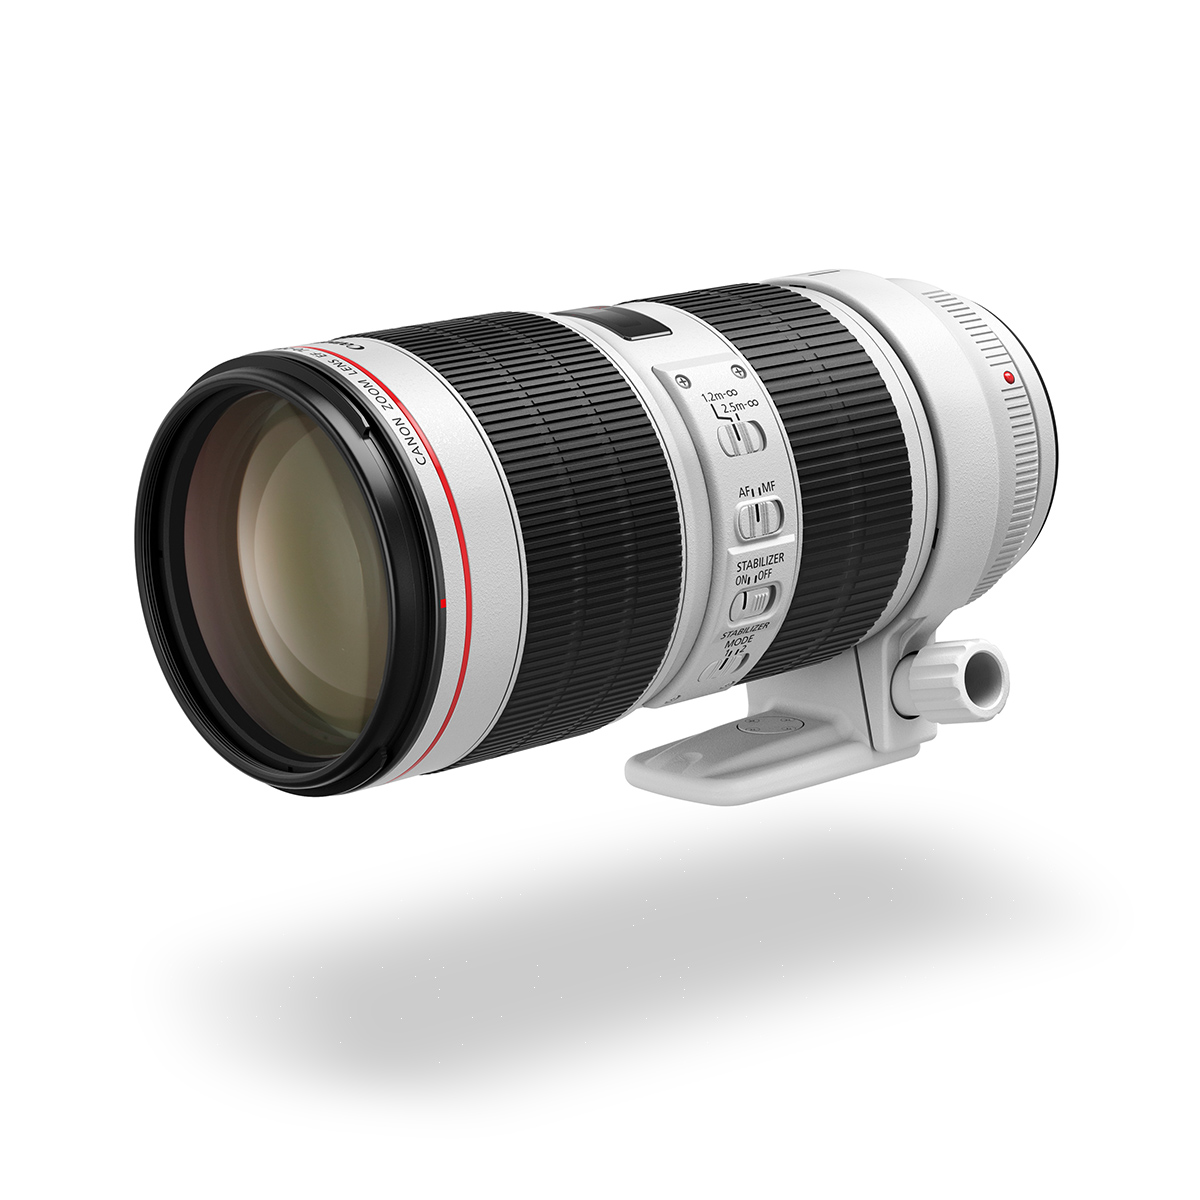 EF 70-200mm f/4L IS USM lens